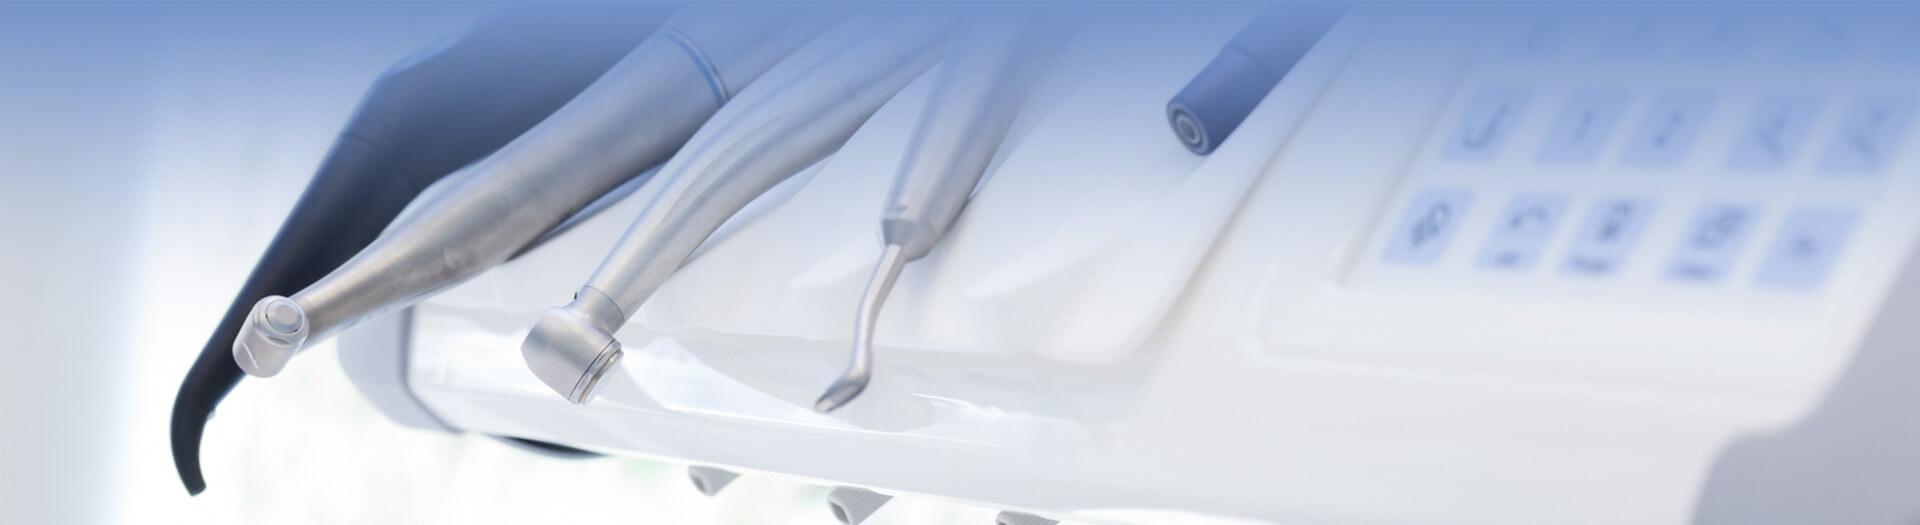 Closeup of dental equipments